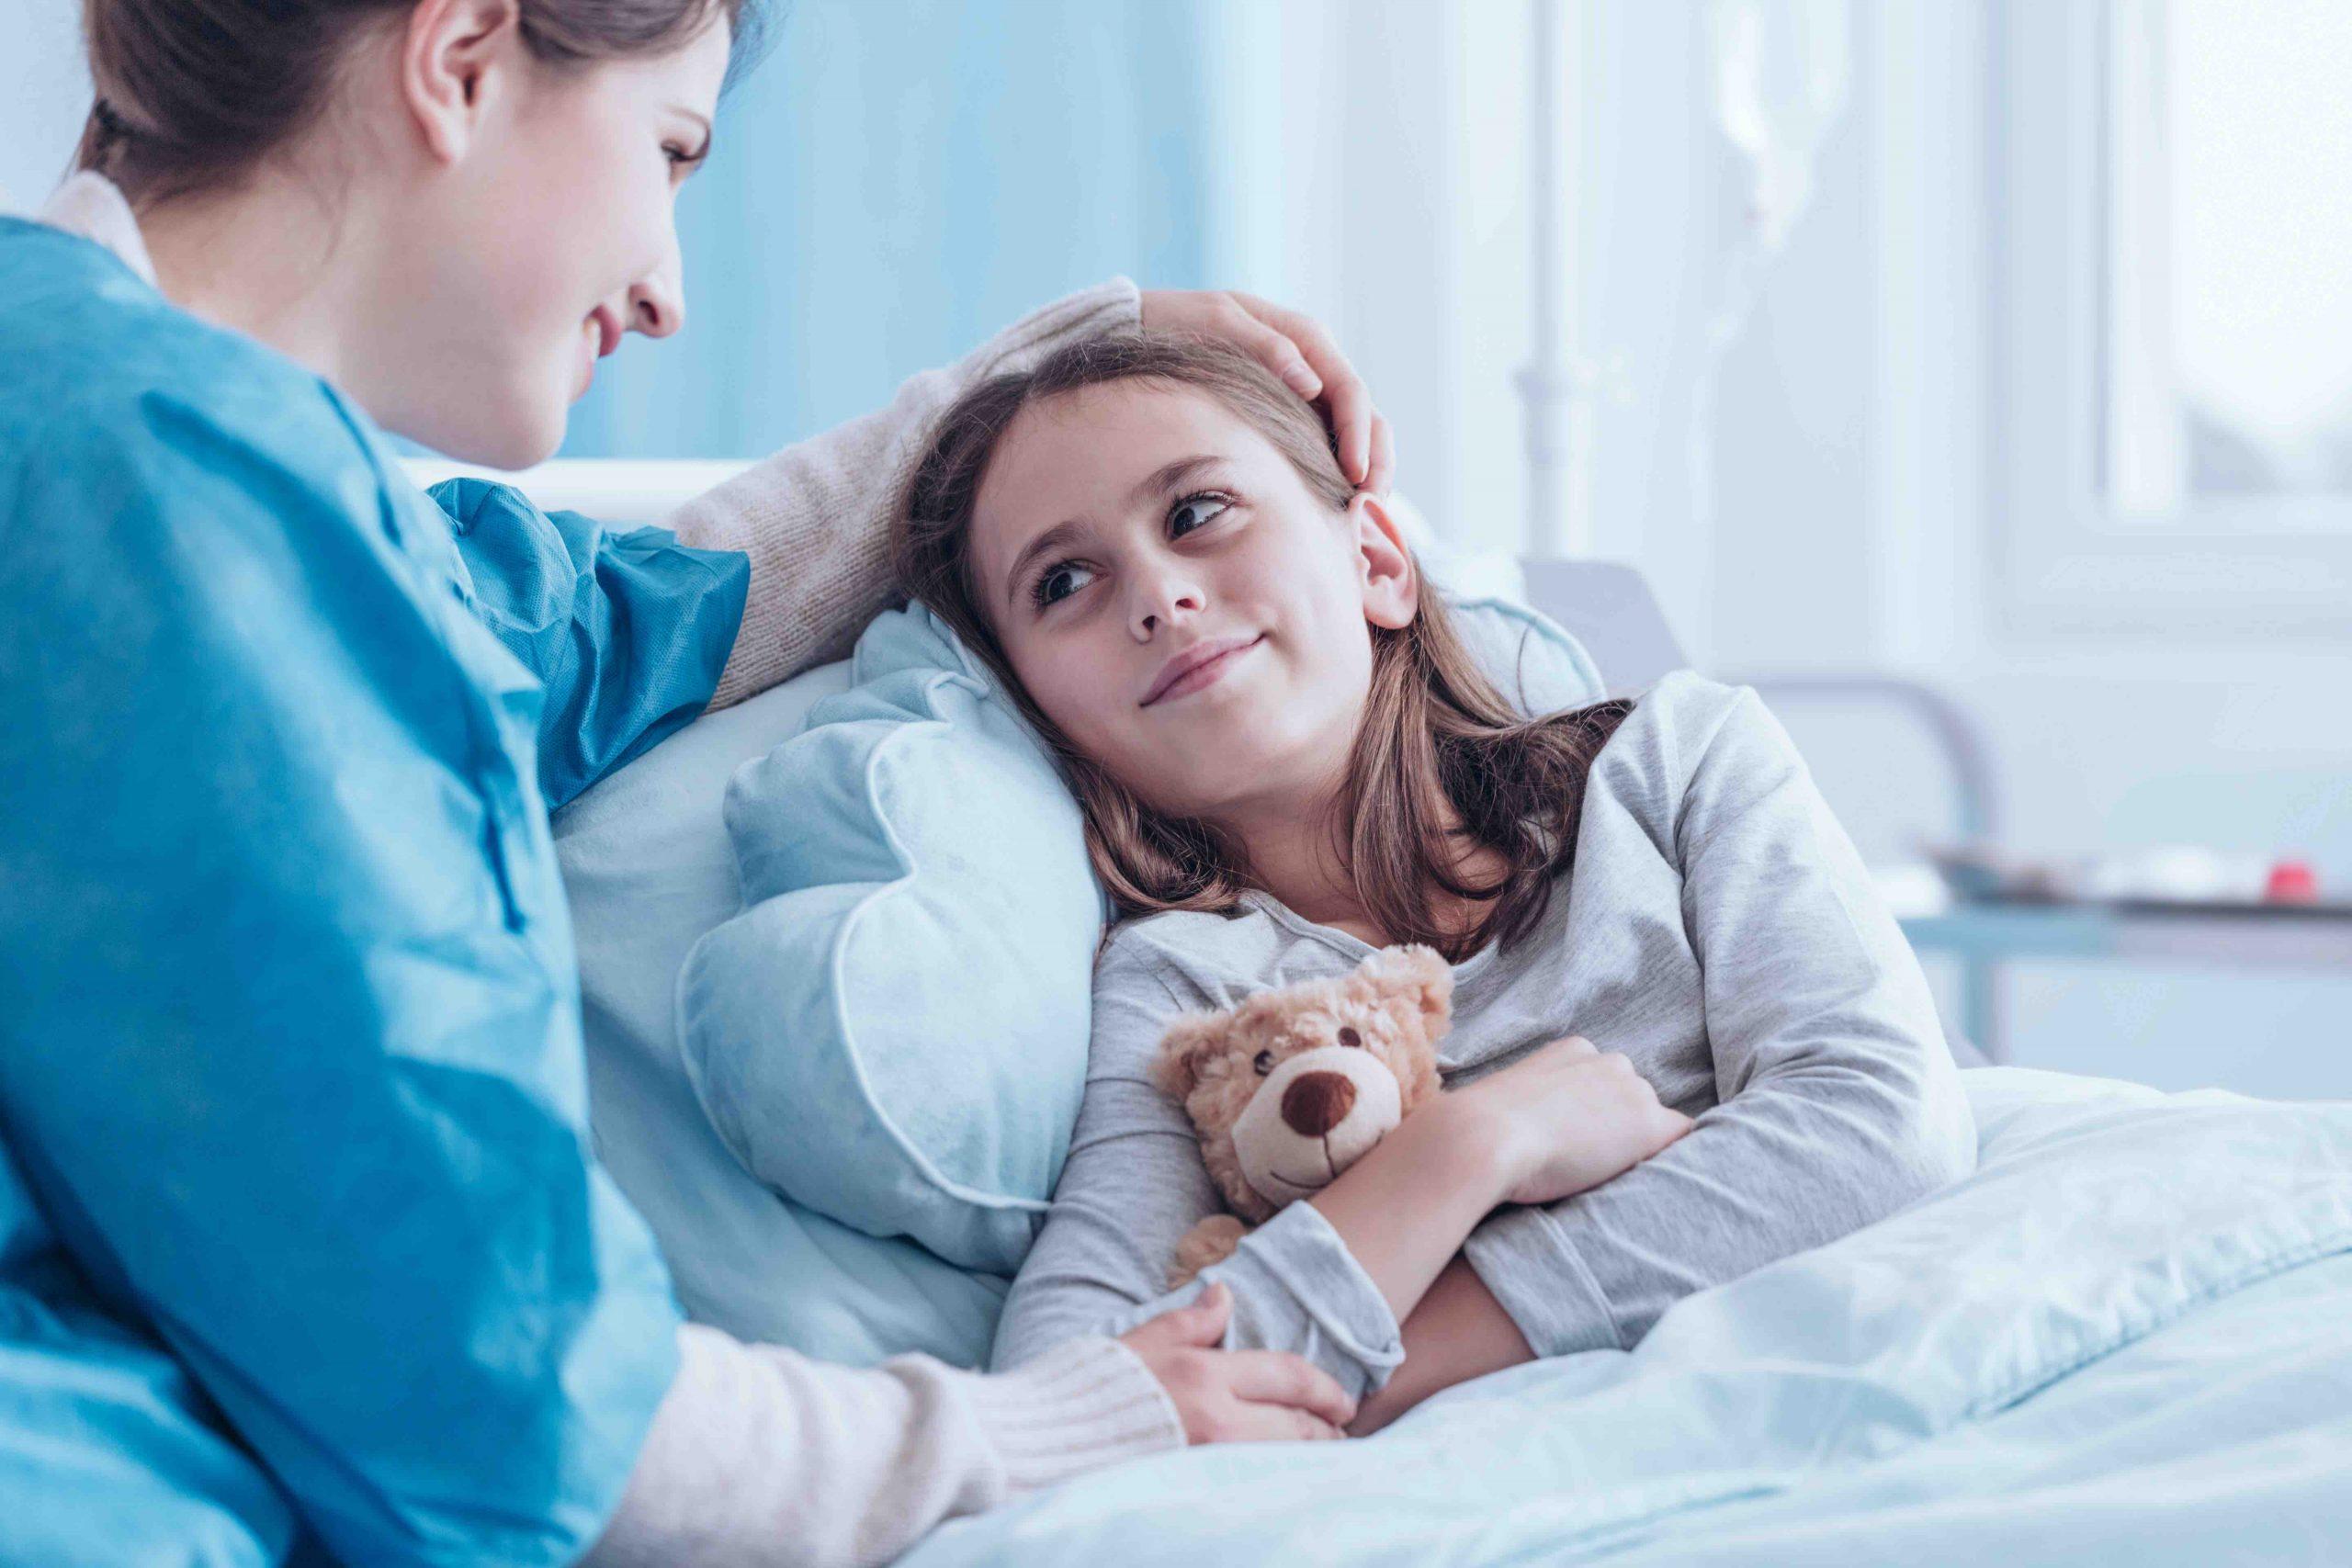 Forschung forcieren Kinderdemenz frühzeitig erkennen